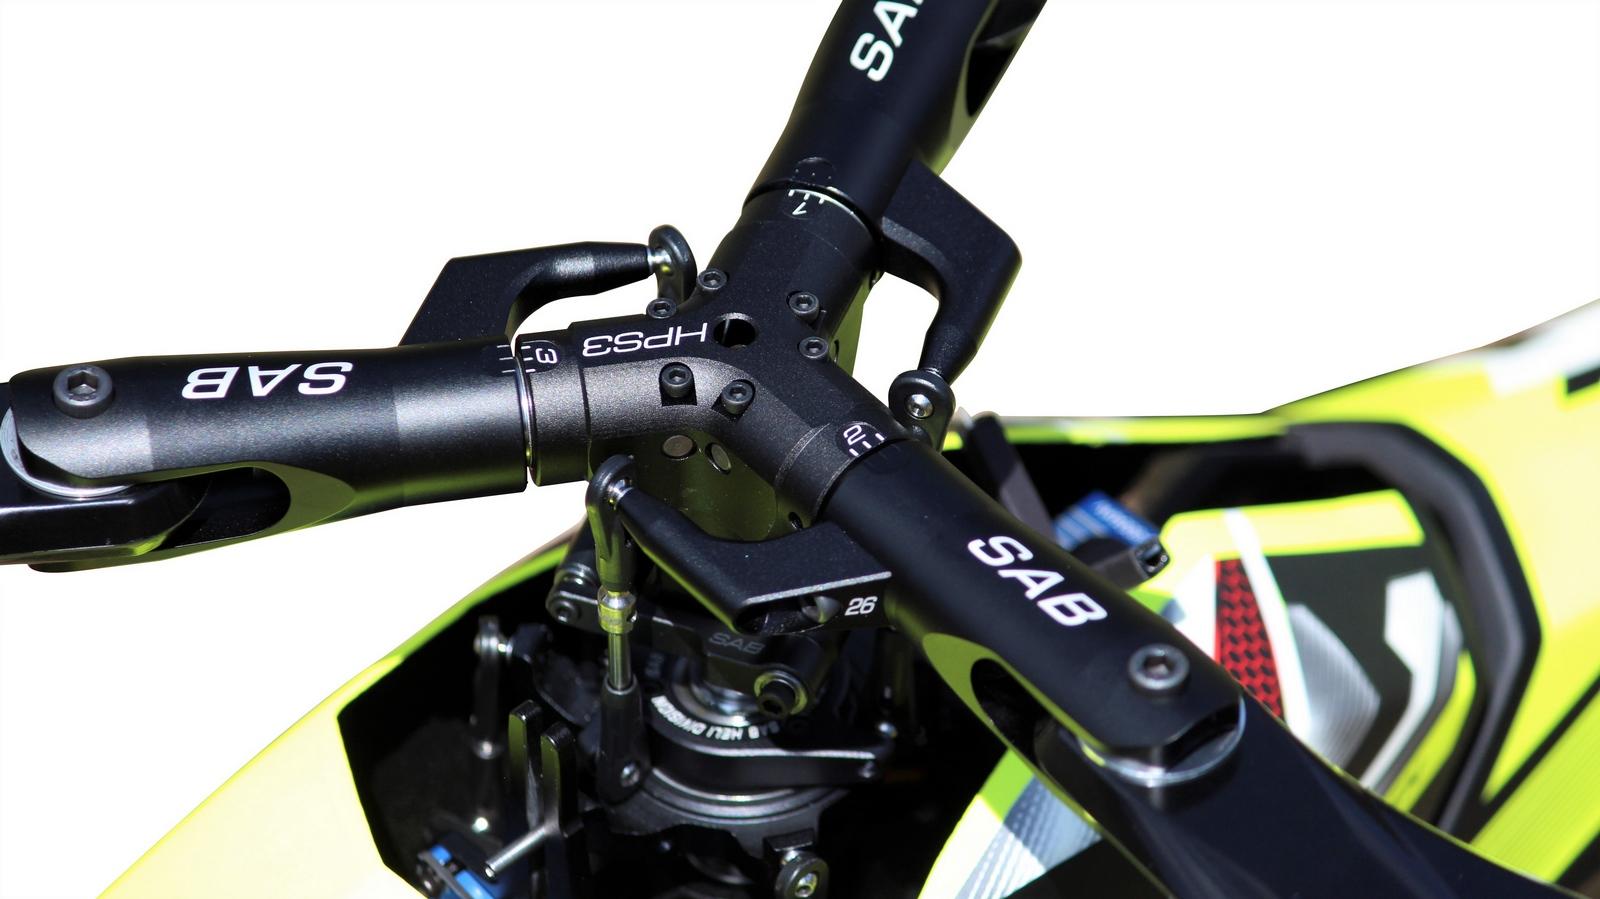 sg742-kraken-3-blade-rotorhead.jpg